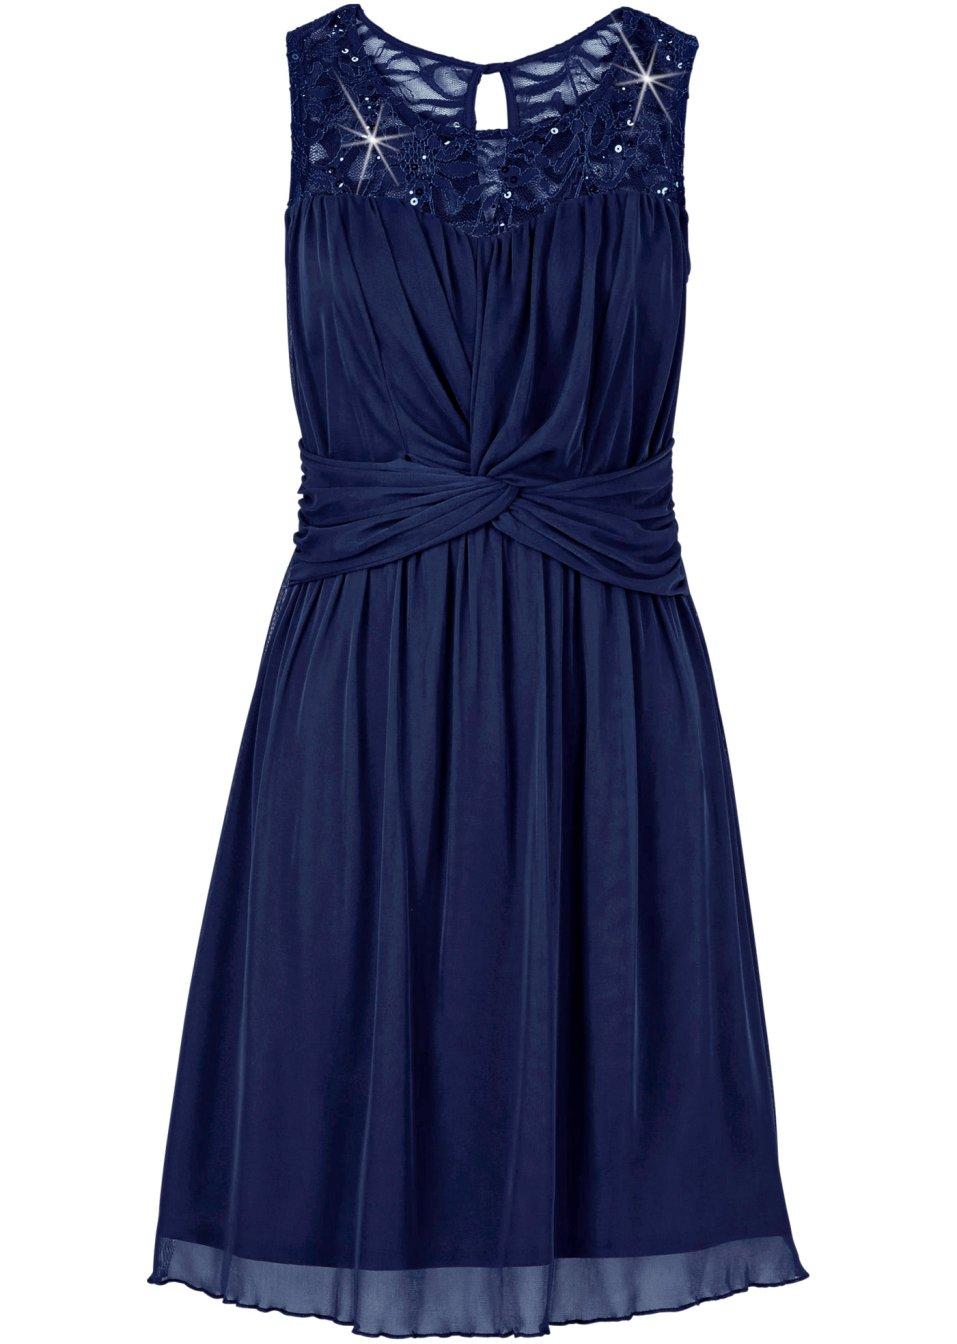 Aufregendes Kleid mit vielen Highlights - dunkelblau D9SDZ OjcfA